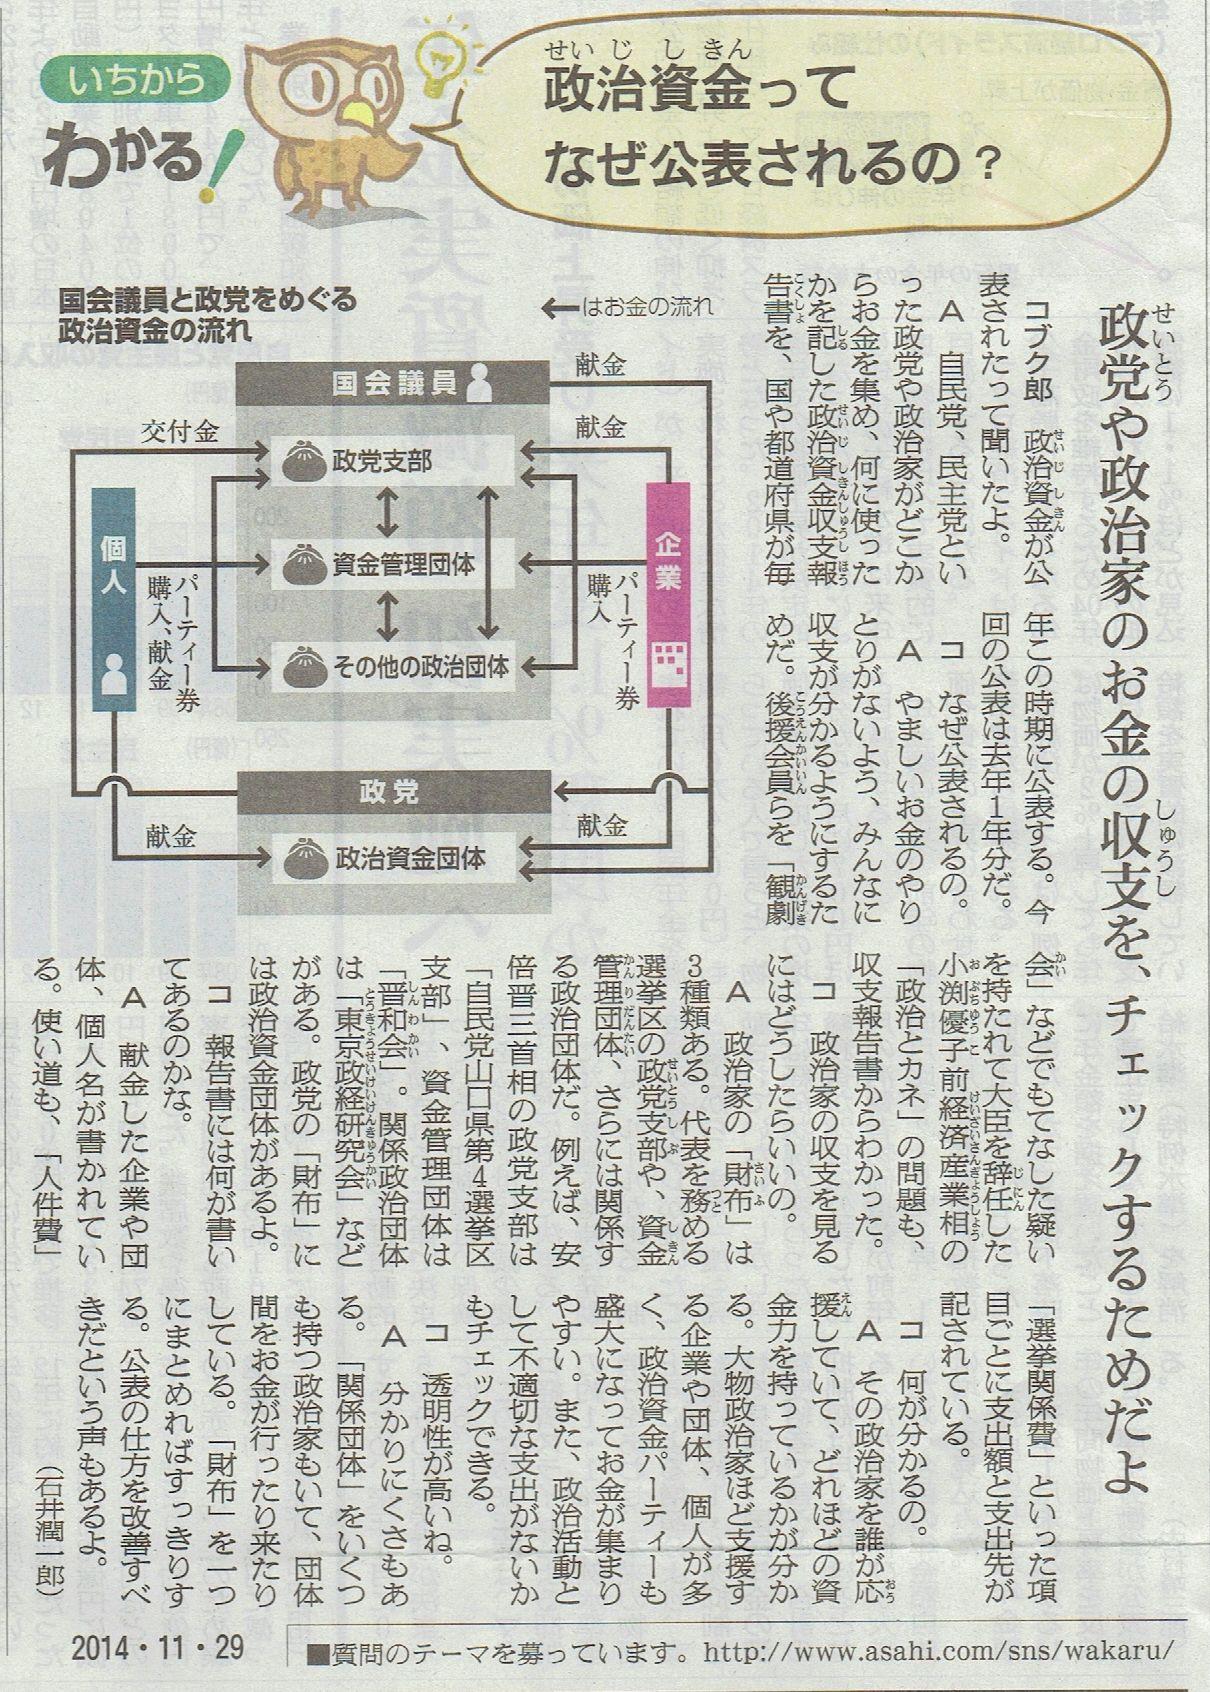 2014年11月29日 沖縄県立工業高等学校関東地区同窓会ウォーキング その13_d0249595_7301041.jpg